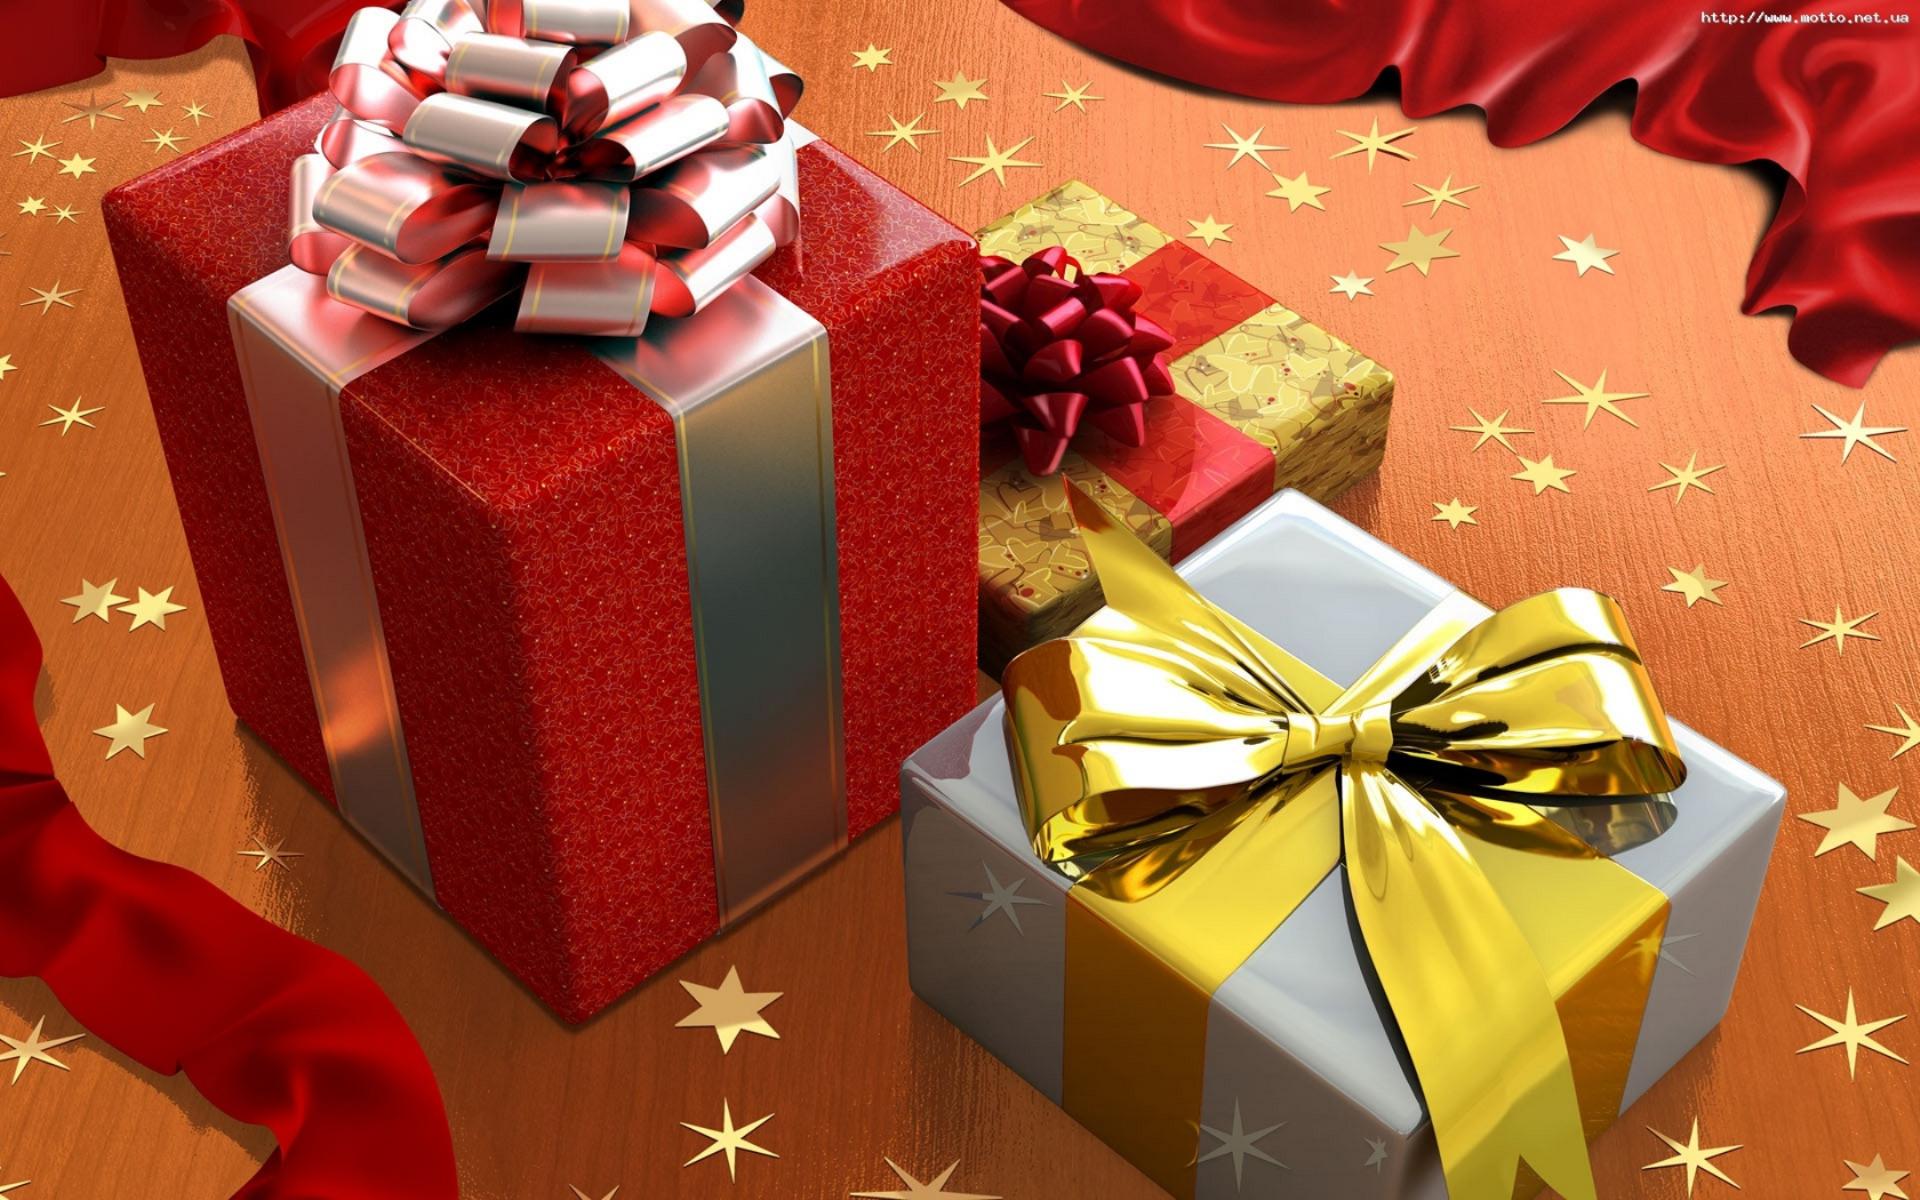 Открытки с подарками ко дню рождения, днем мужчине картинки